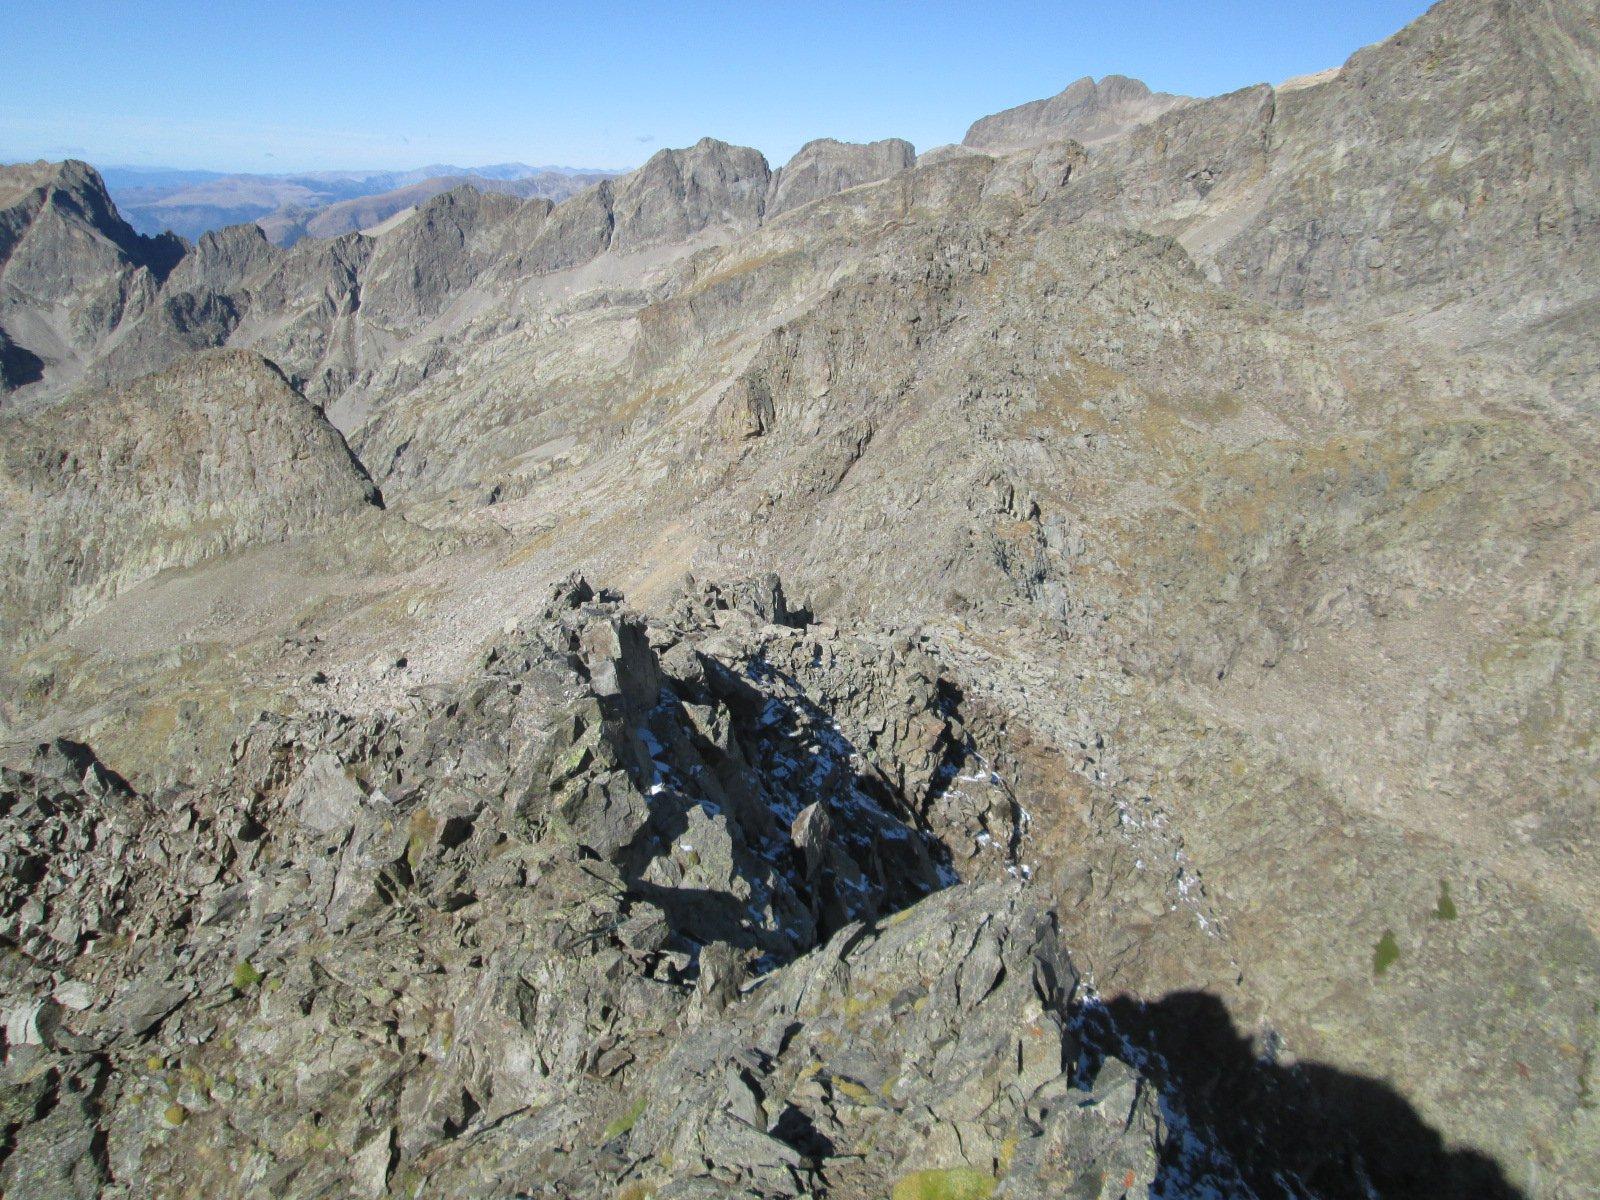 la cresta vista dall'alto